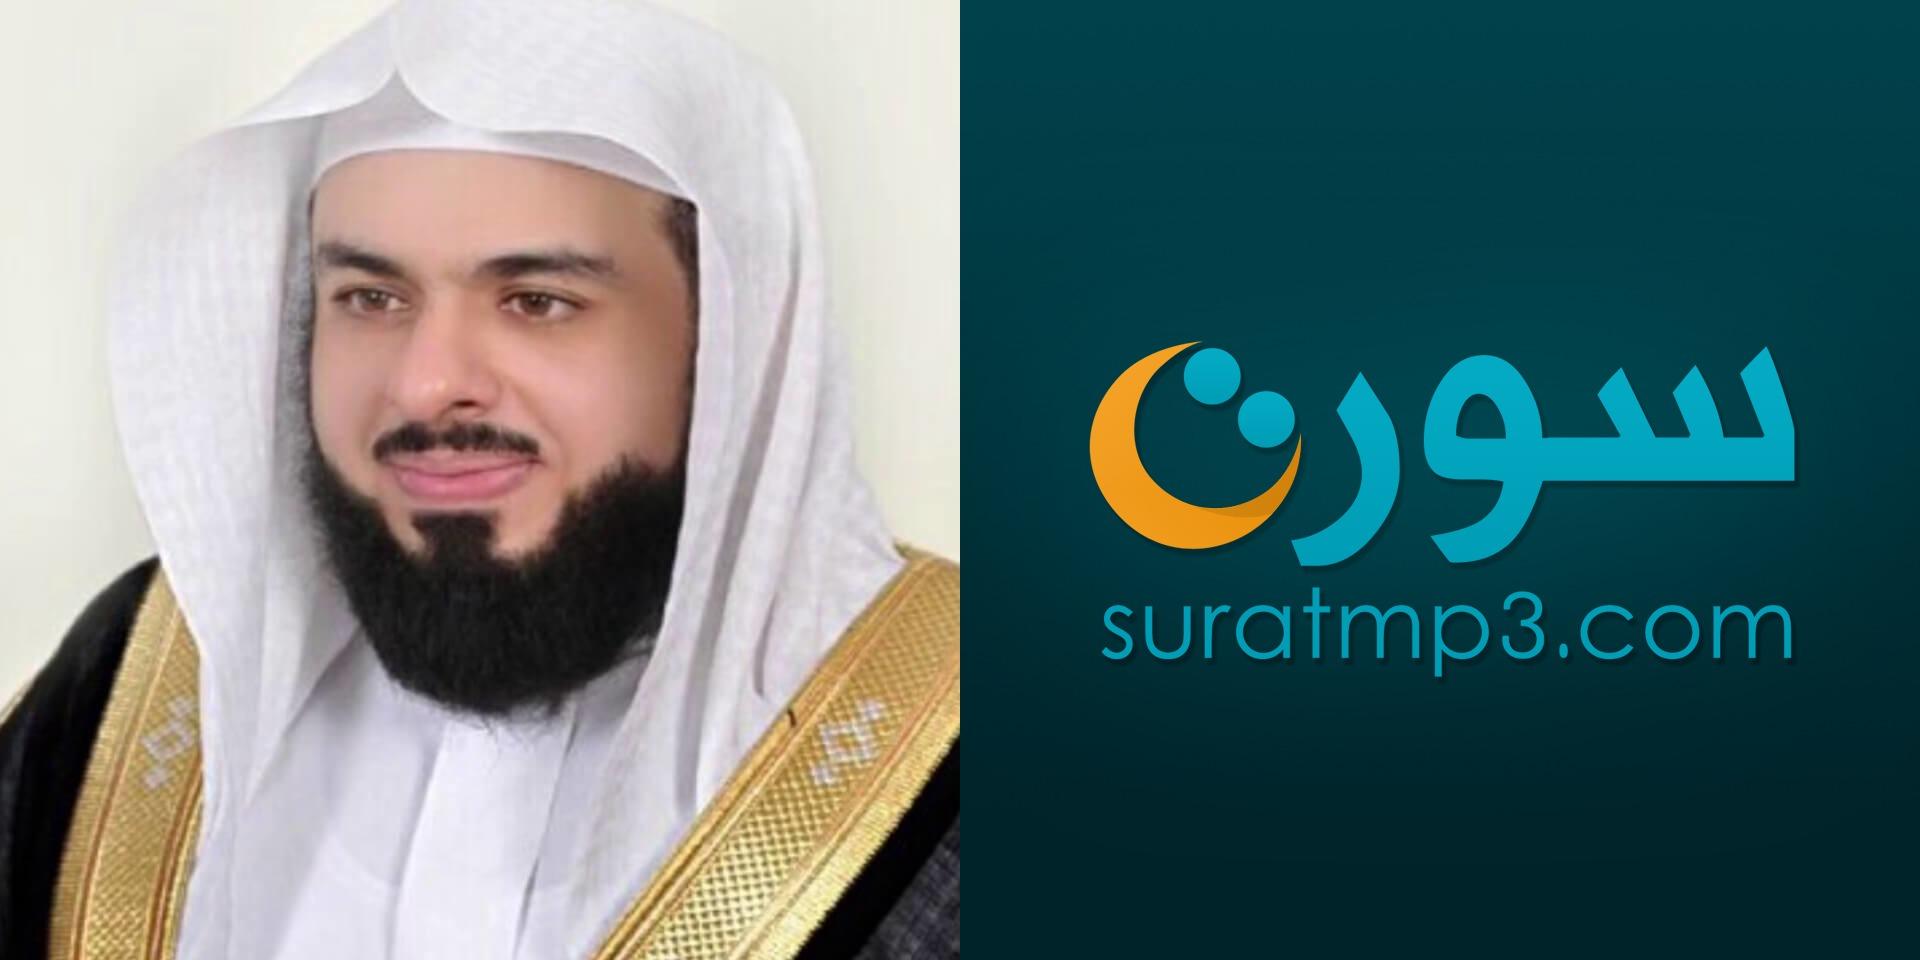 الشيخ خالد الجليل تحميل و استماع حفص عن عاصم القرآن الكريم Mp3